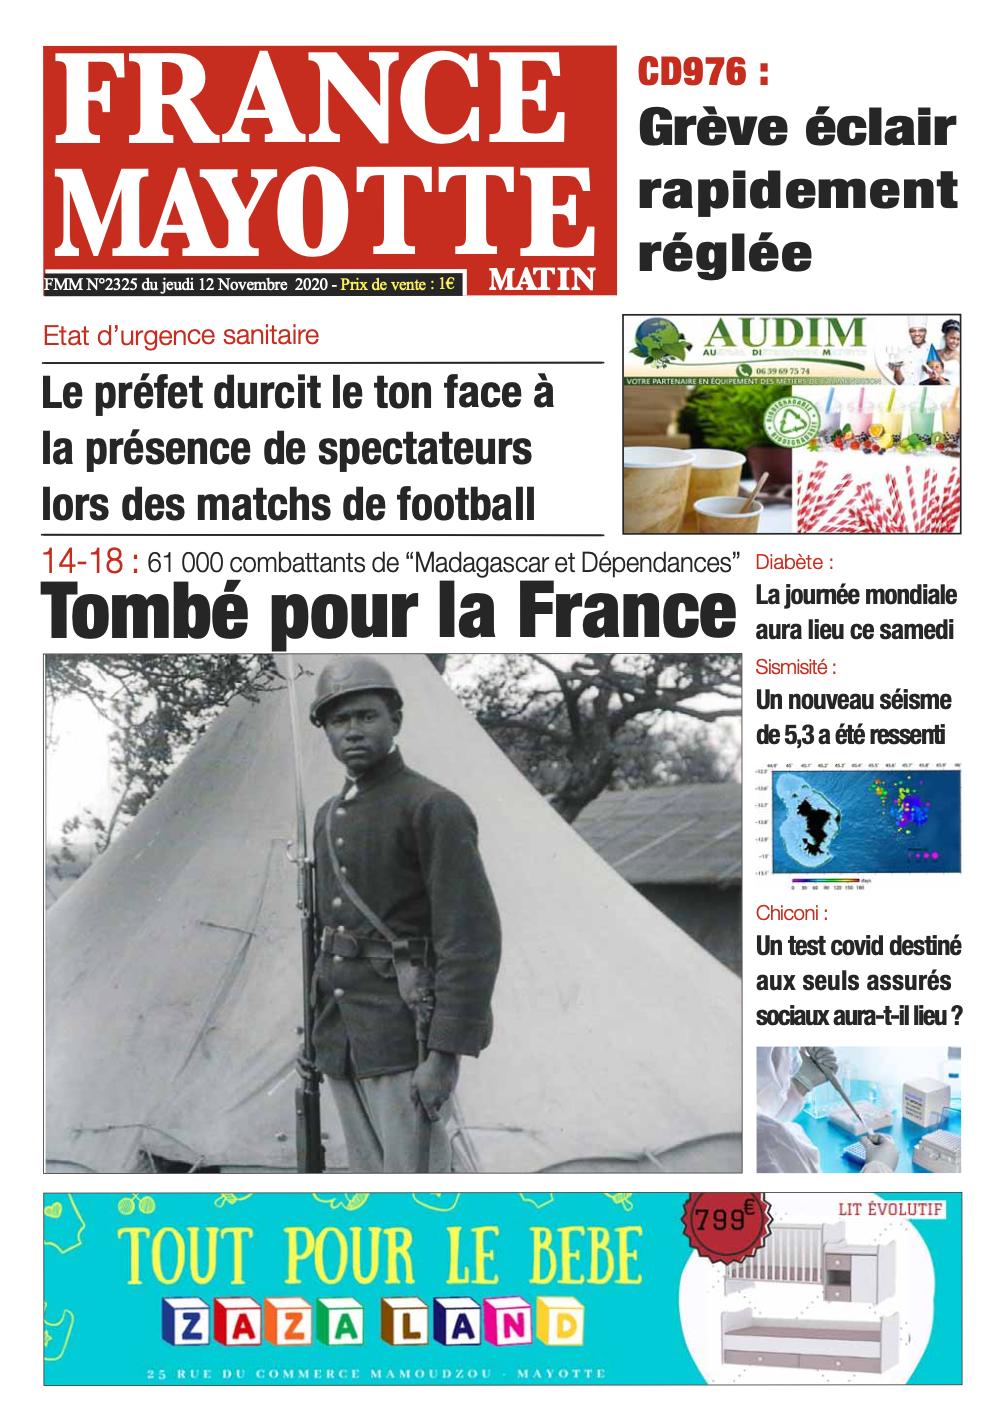 France Mayotte Jeudi 12 novembre 2020